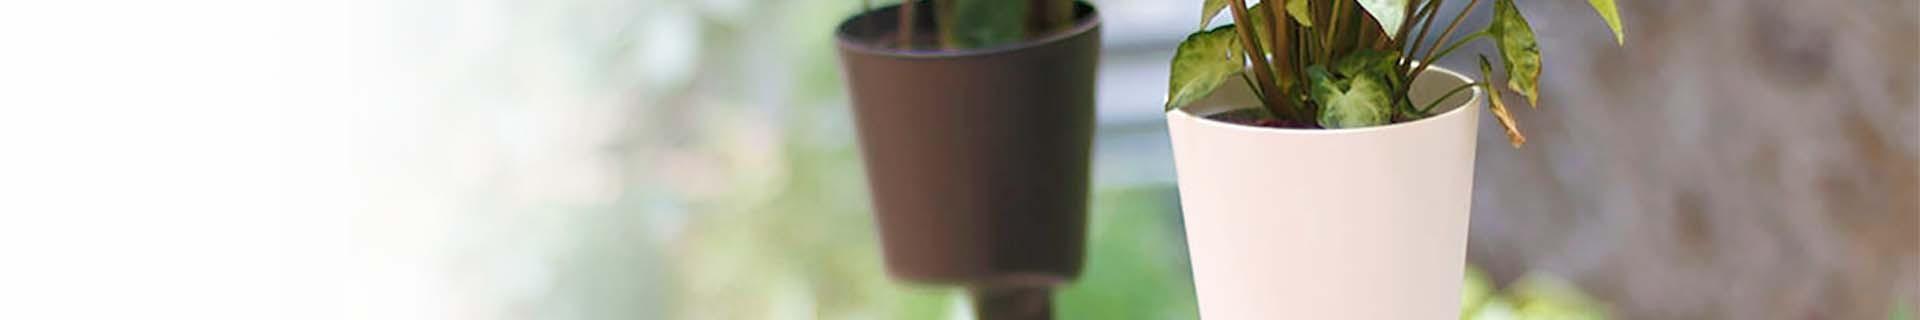 Pack de jardí vertical amb plantes d'interior